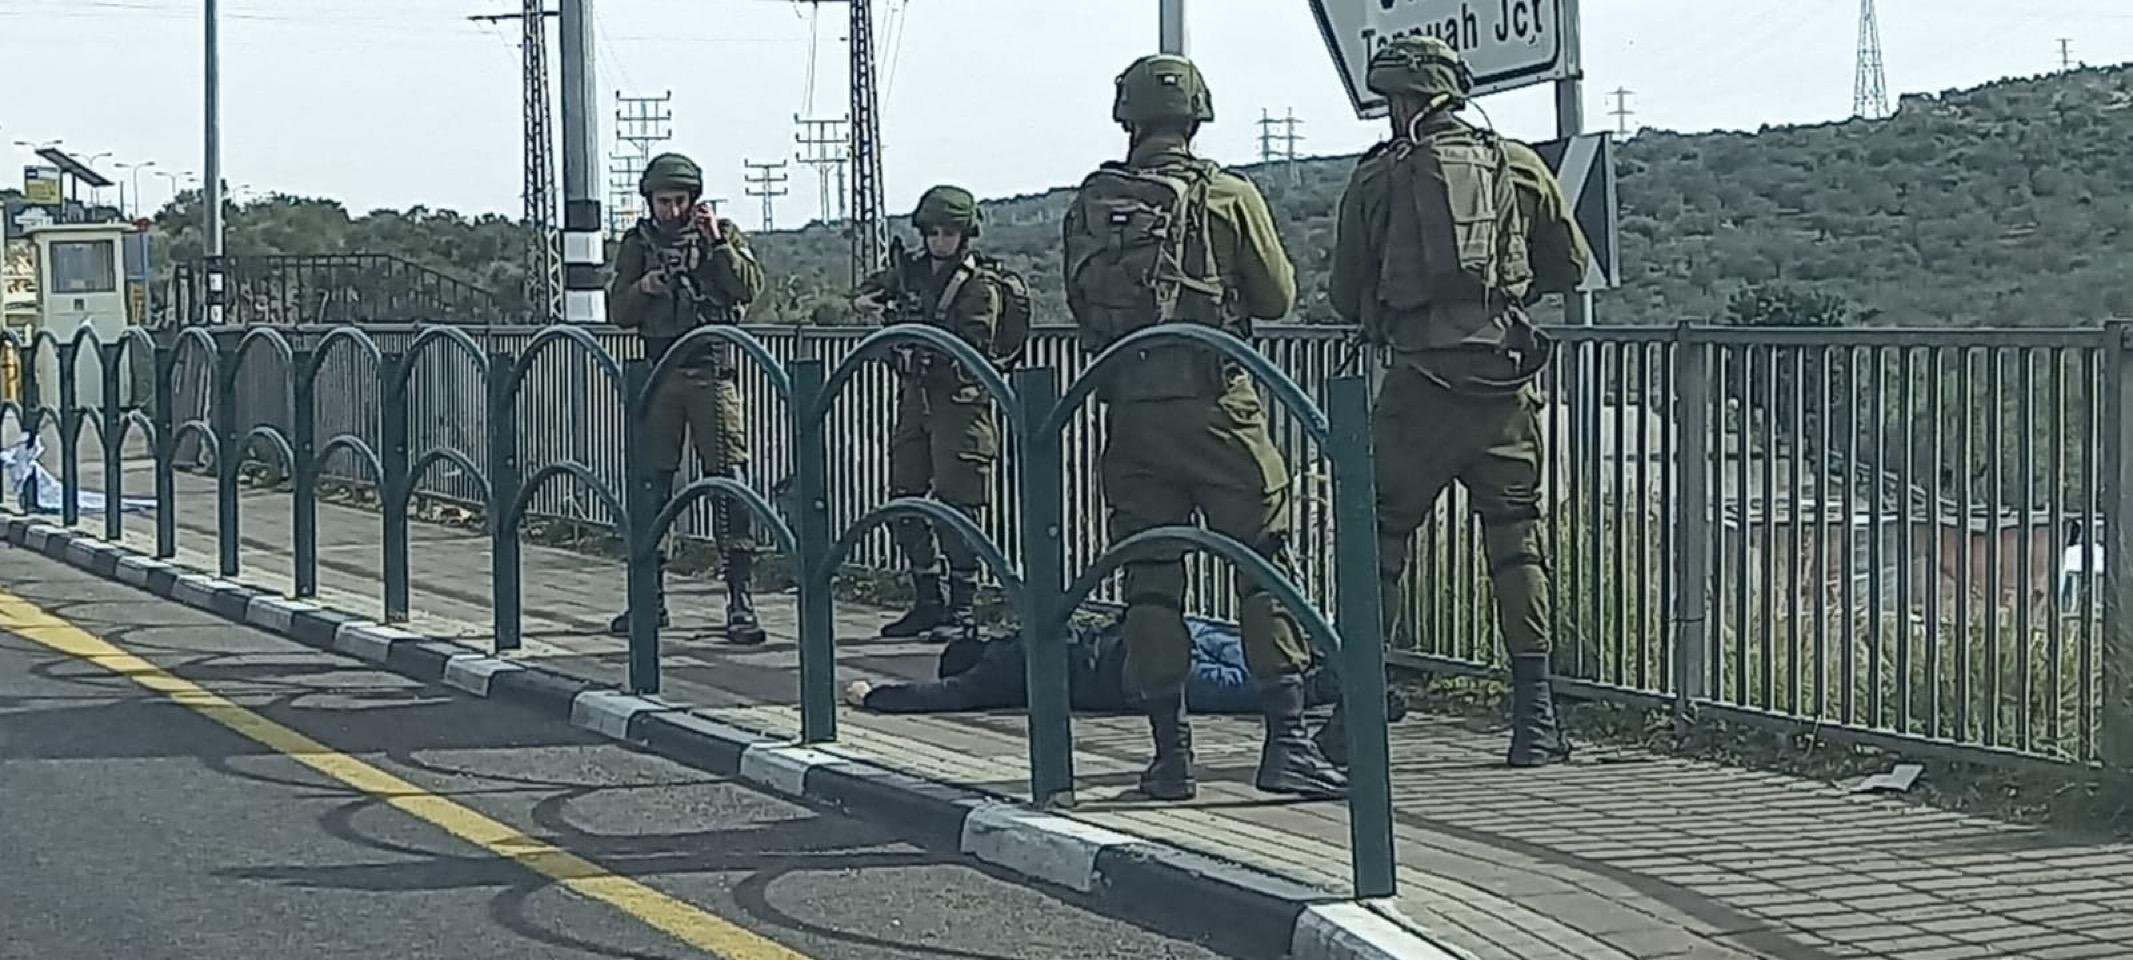 قناة عبرية : استشهاد فلسطيني قرب سلفيت برصاص الجيش في عملية طعن